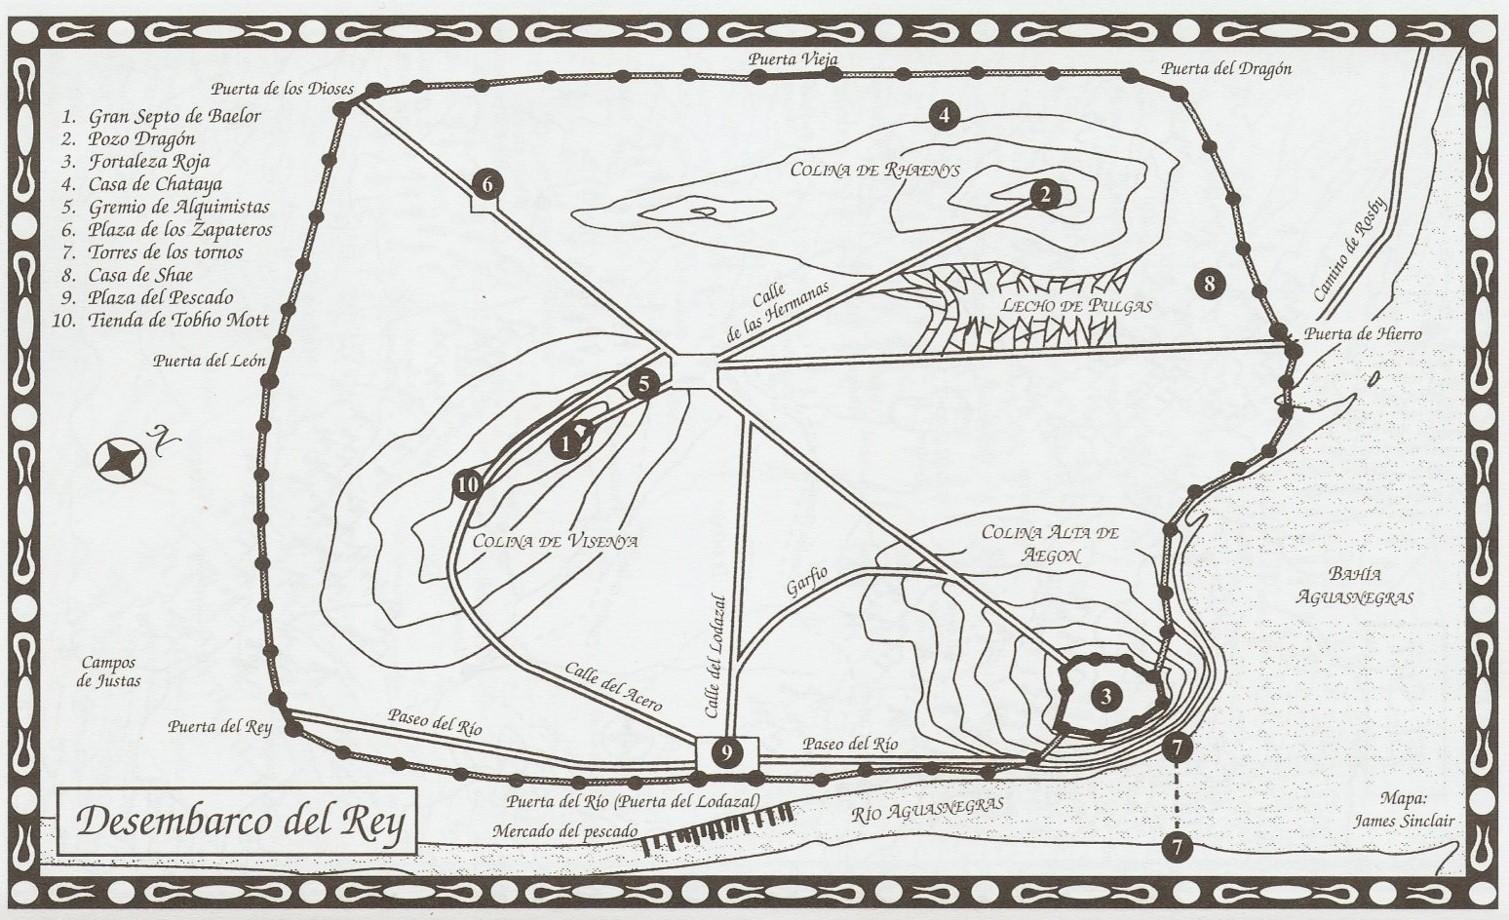 Desembarco Del Rey Mapa.Choque De Reyes Mapa Desembarco Del Rey Hielo Y Fuego Wiki